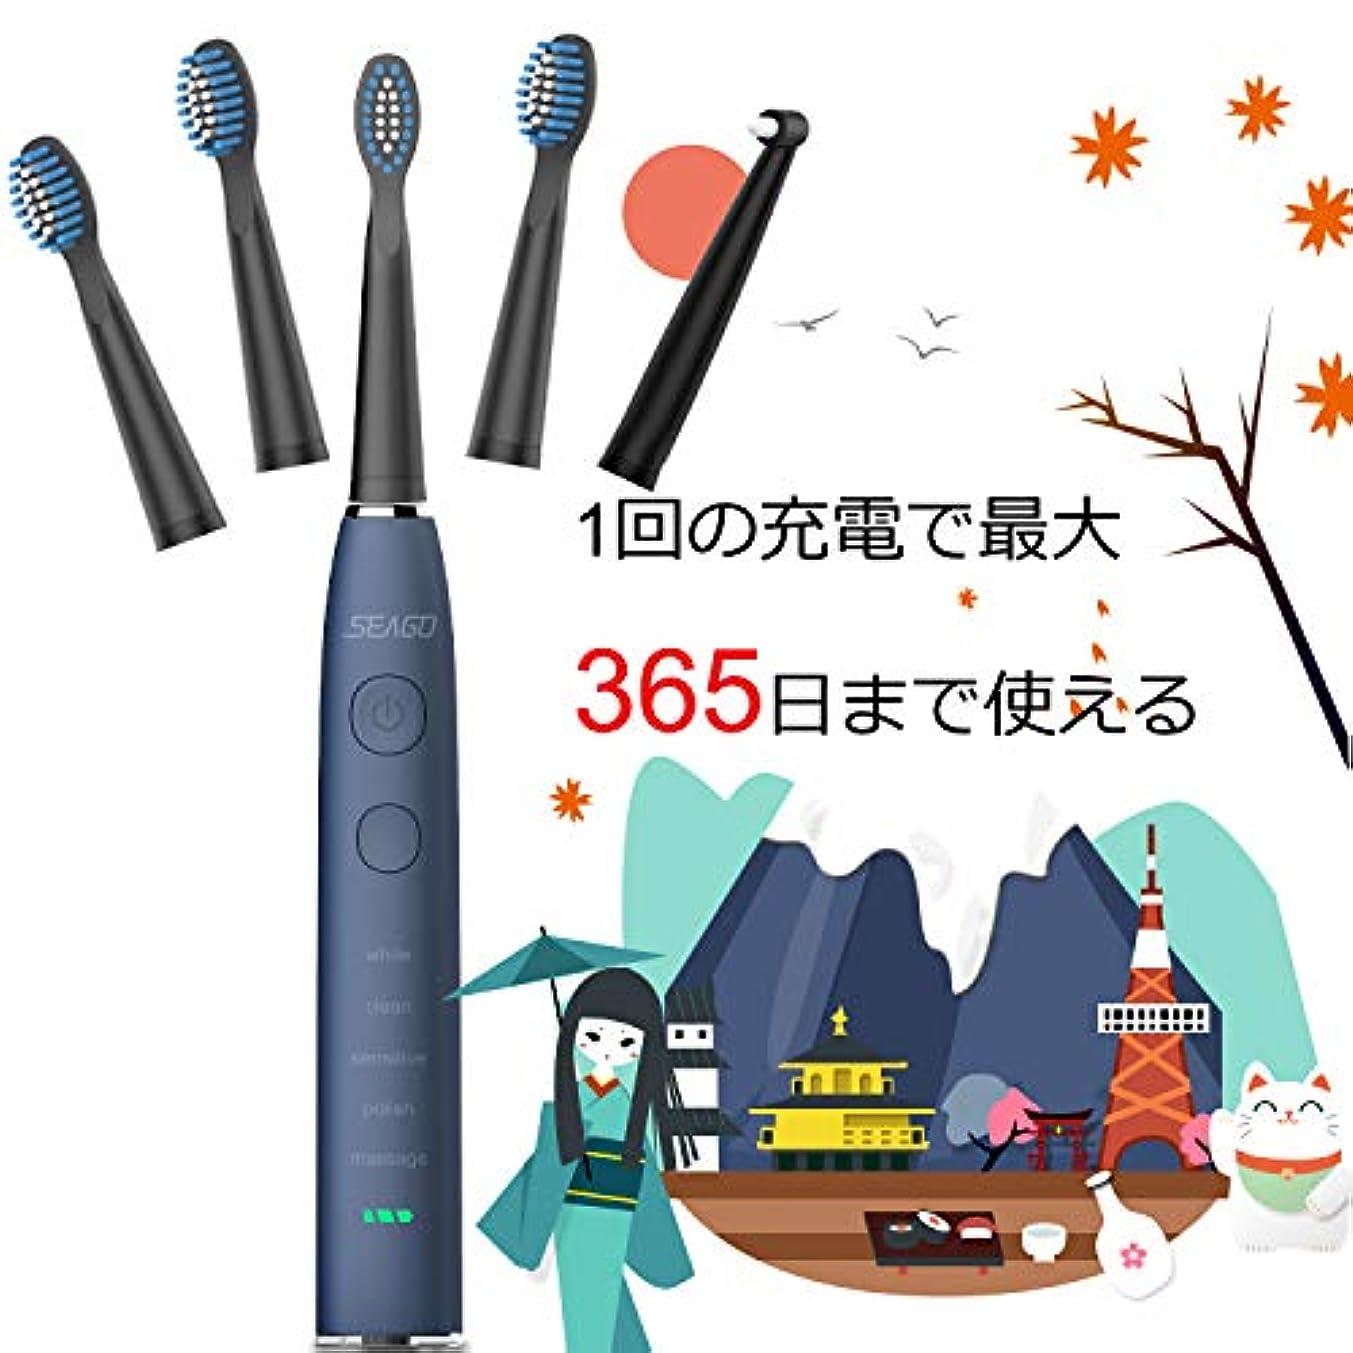 コロニアルシステムオートマトン電動歯ブラシ 歯ブラシ seago 音波歯ブラシ USB充電式8時間 365日に使用 IPX7防水 五つモードと2分オートタイマー機能搭載 替えブラシ5本 12ヶ月メーカー保証 SG-575(ブルー)